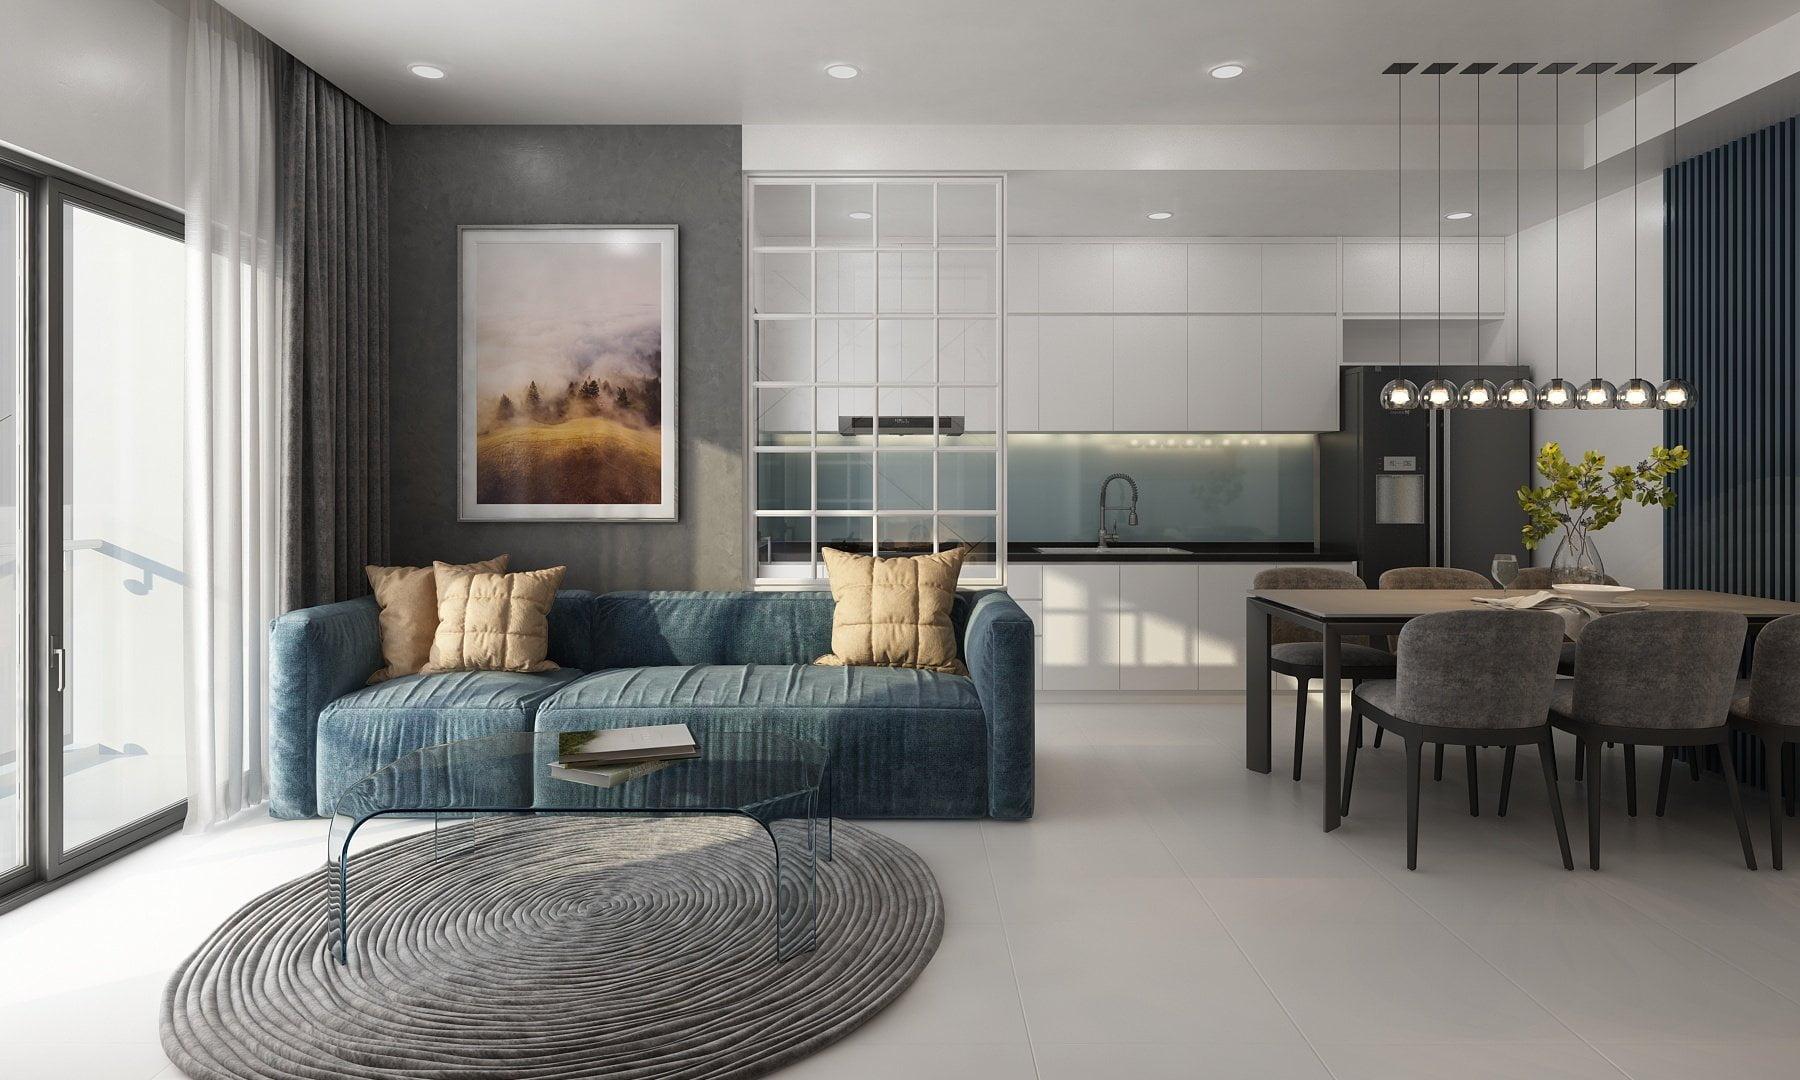 công ty thiết kế nội thất uy tín tại tphcm 10